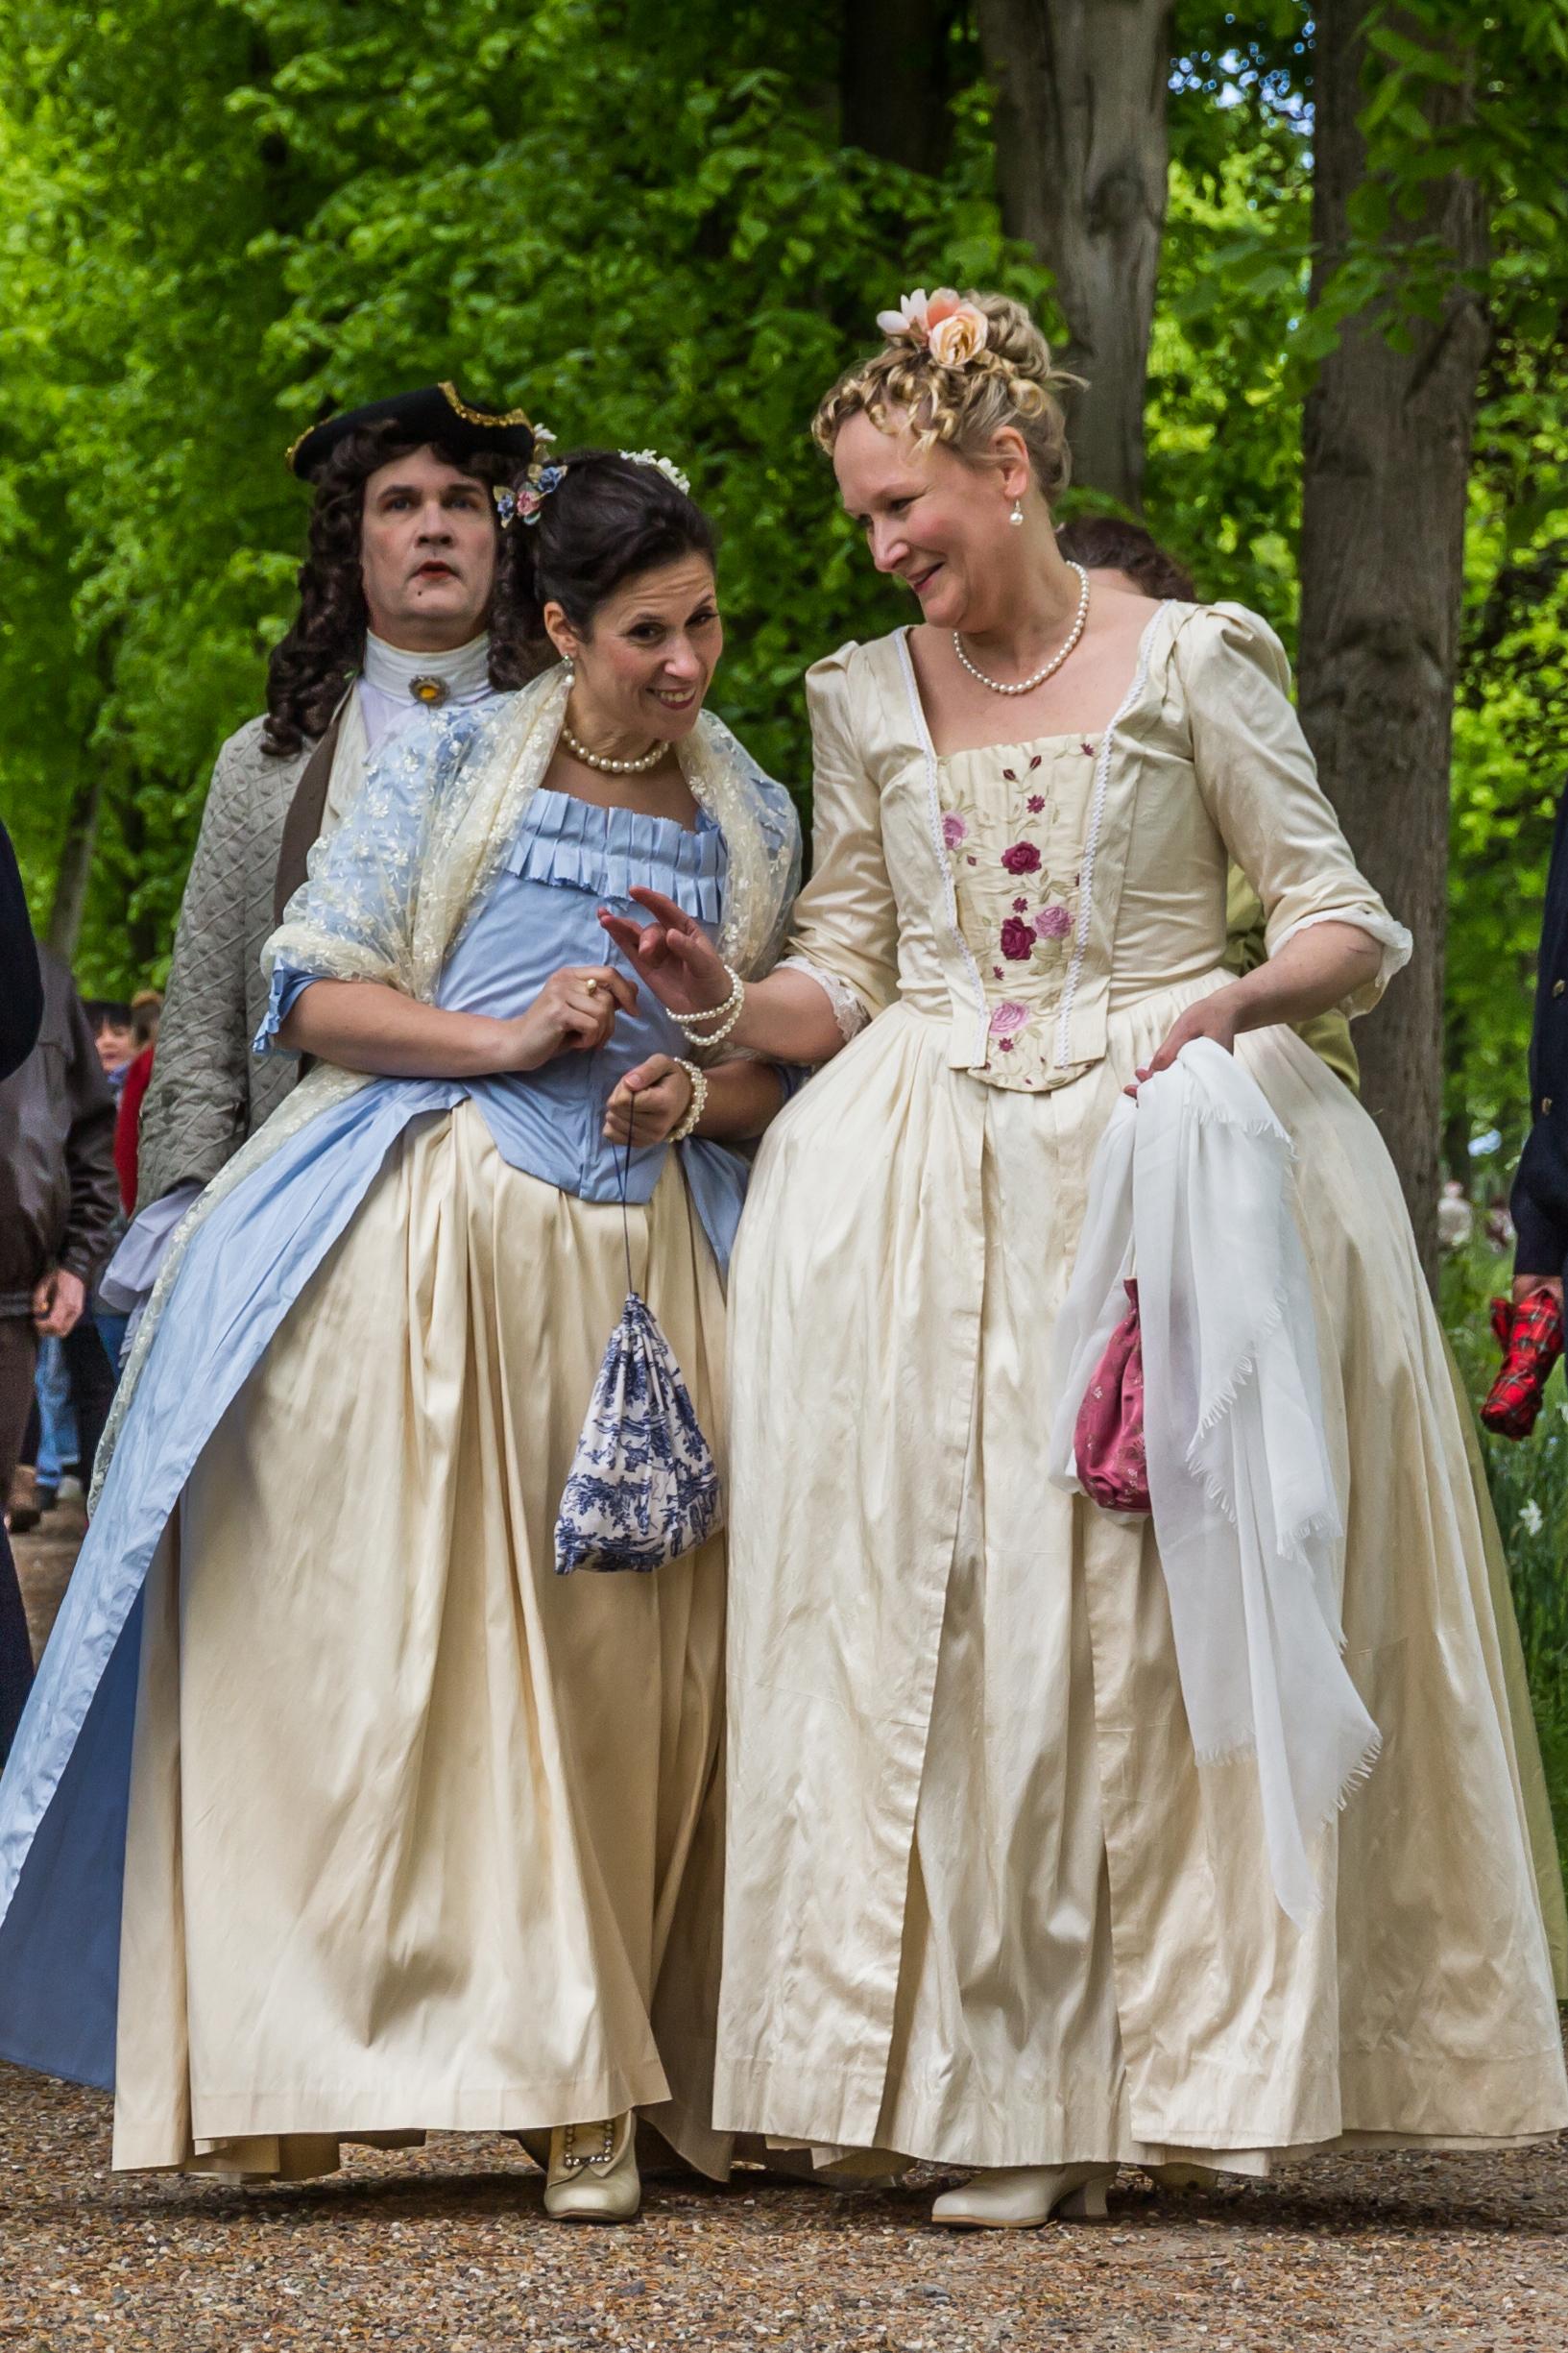 Barocke Damen wandeln durch den Schlosspark Bothmer. © SSGK M-V, Helmut Strauss